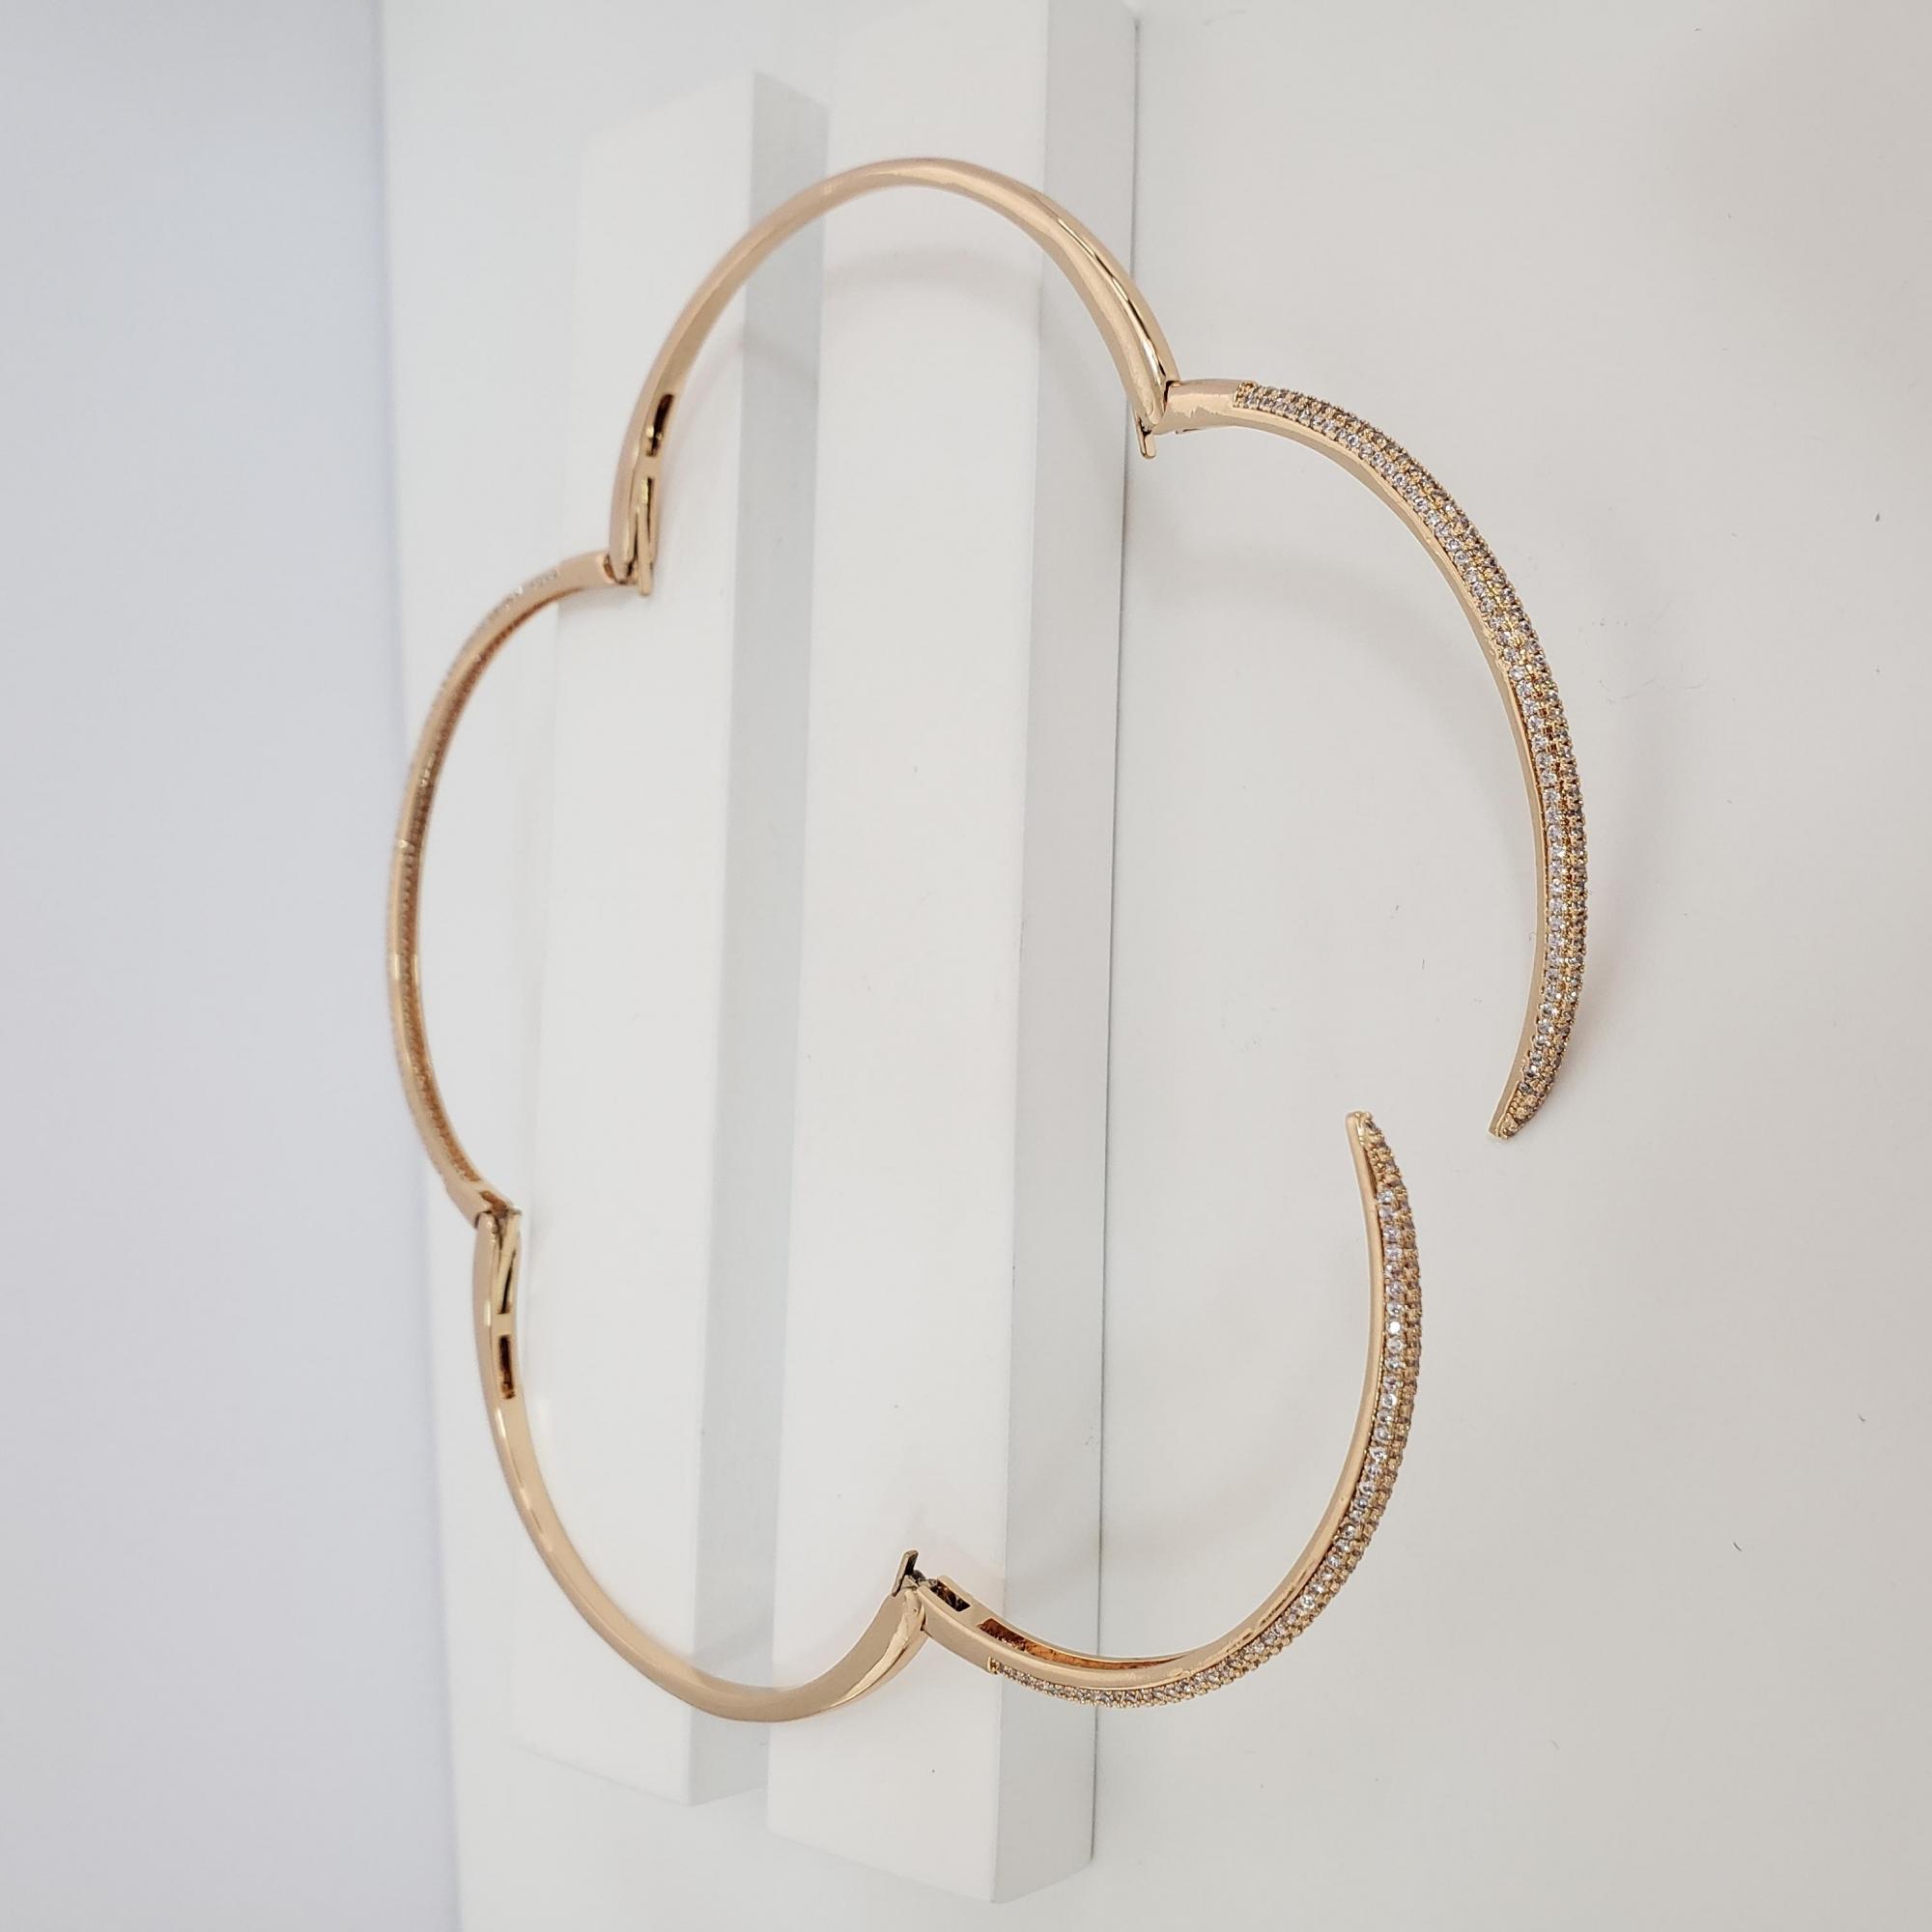 Bracelete Maleável Abaulado com Zircônia no Banho Ouro 18k Semijoia